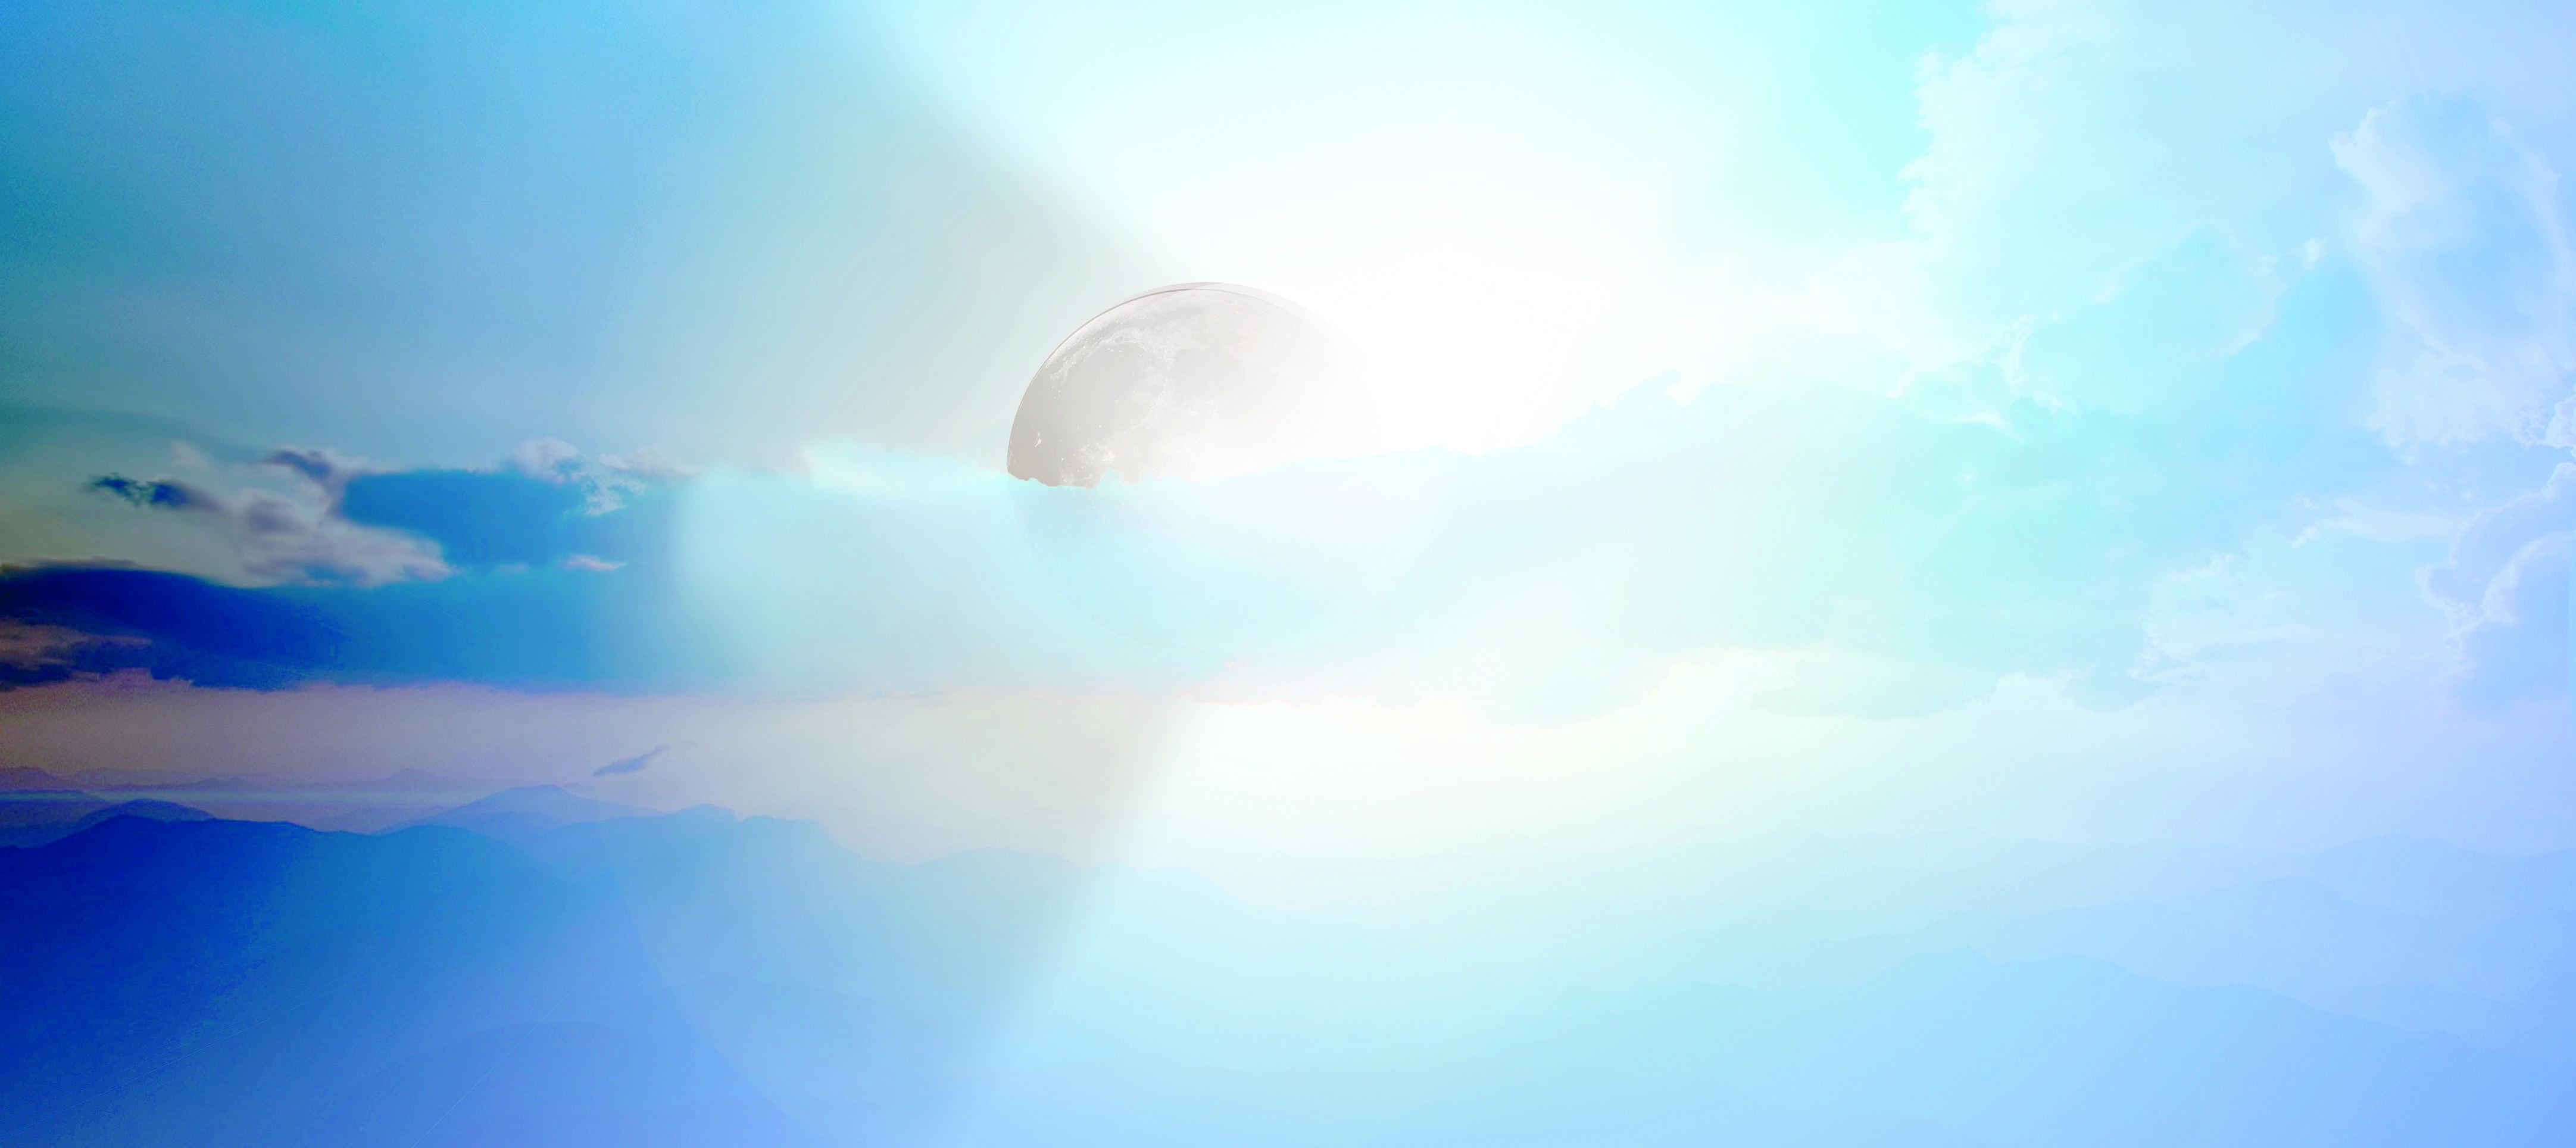 eclipse-2666089